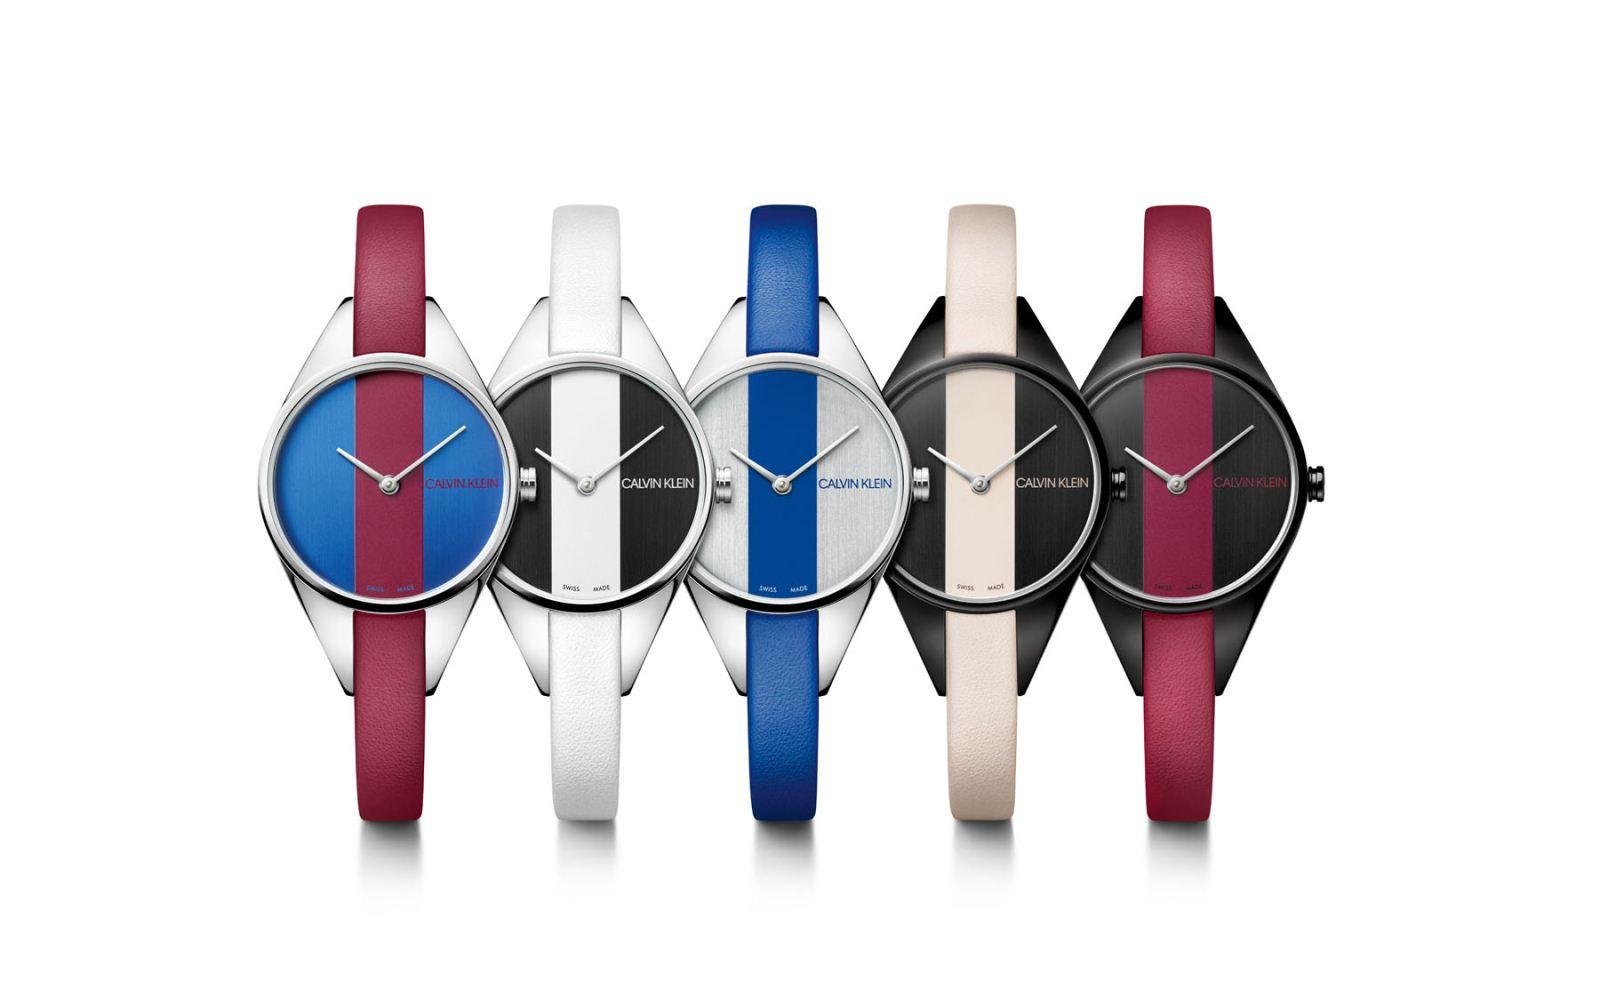 Bộ sưu tập đồng hồ Calvin Klein Rebel